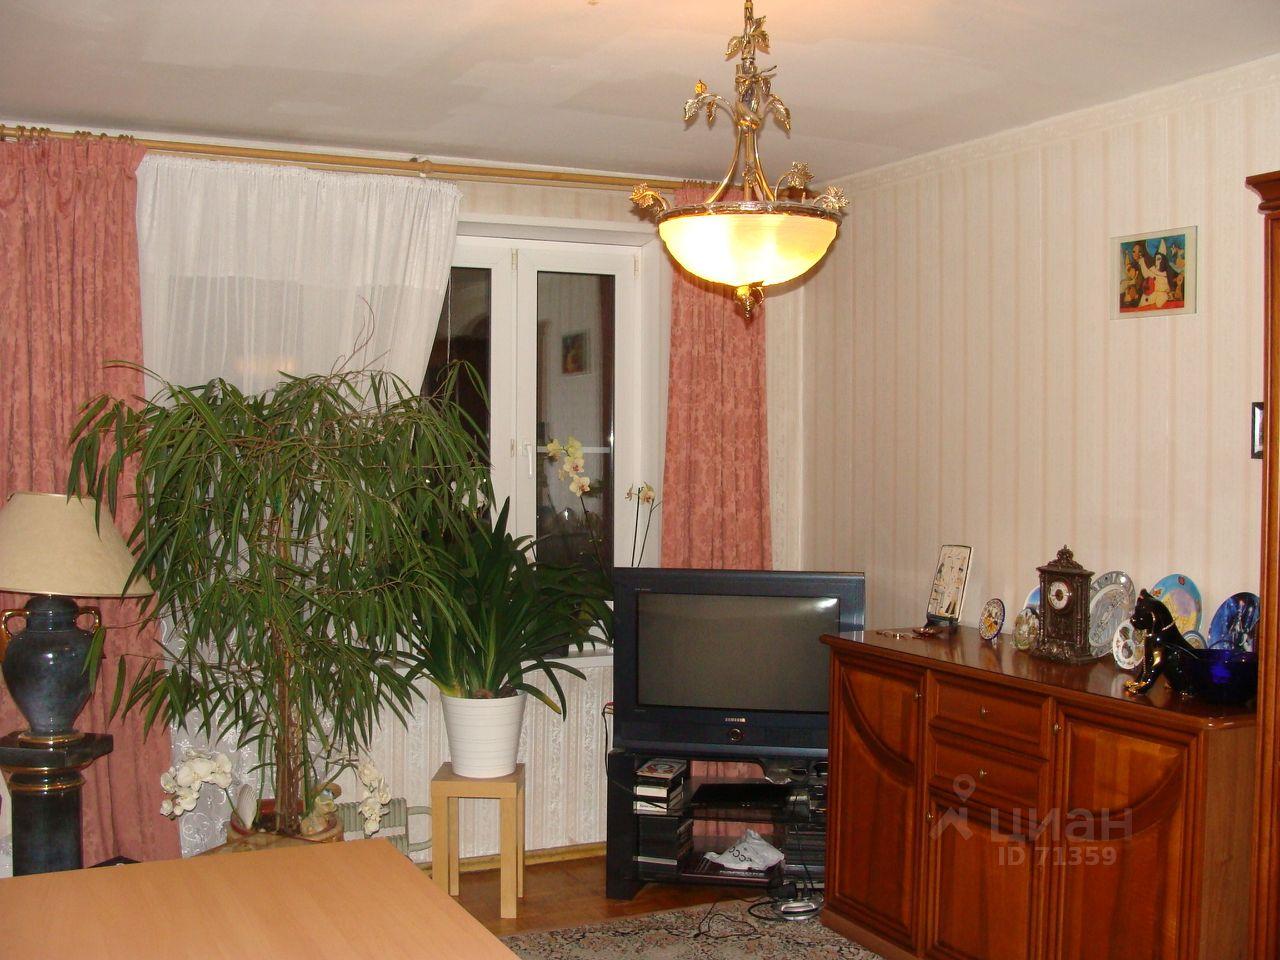 продается трехкомнатная квартира город Москва, метро Бибирево, Путевой проезд, д. 26А